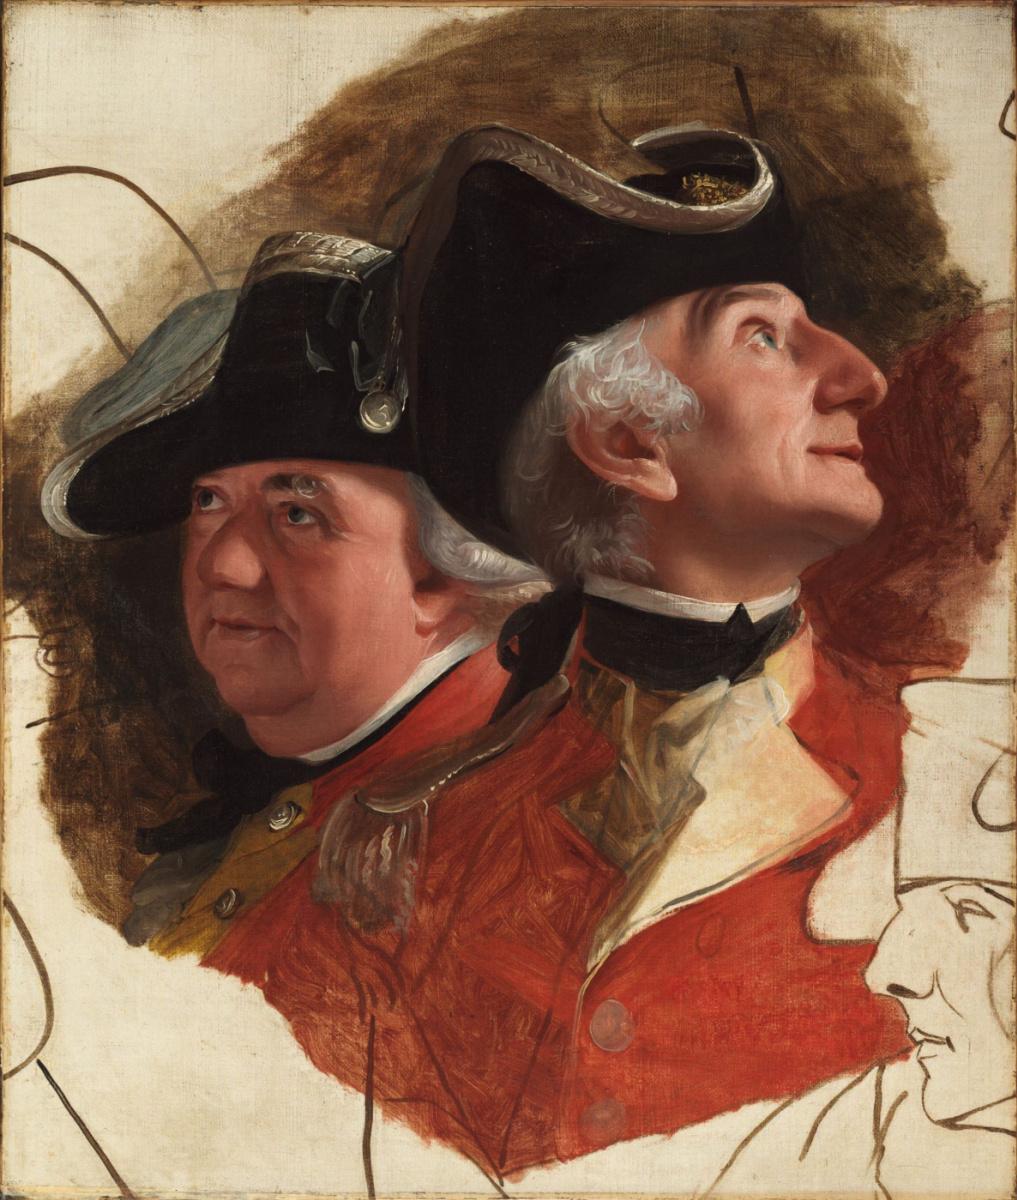 John Singleton Copley. Colonel Ernst August of Hugo and Lieutenant-Colonel von Sleighbell